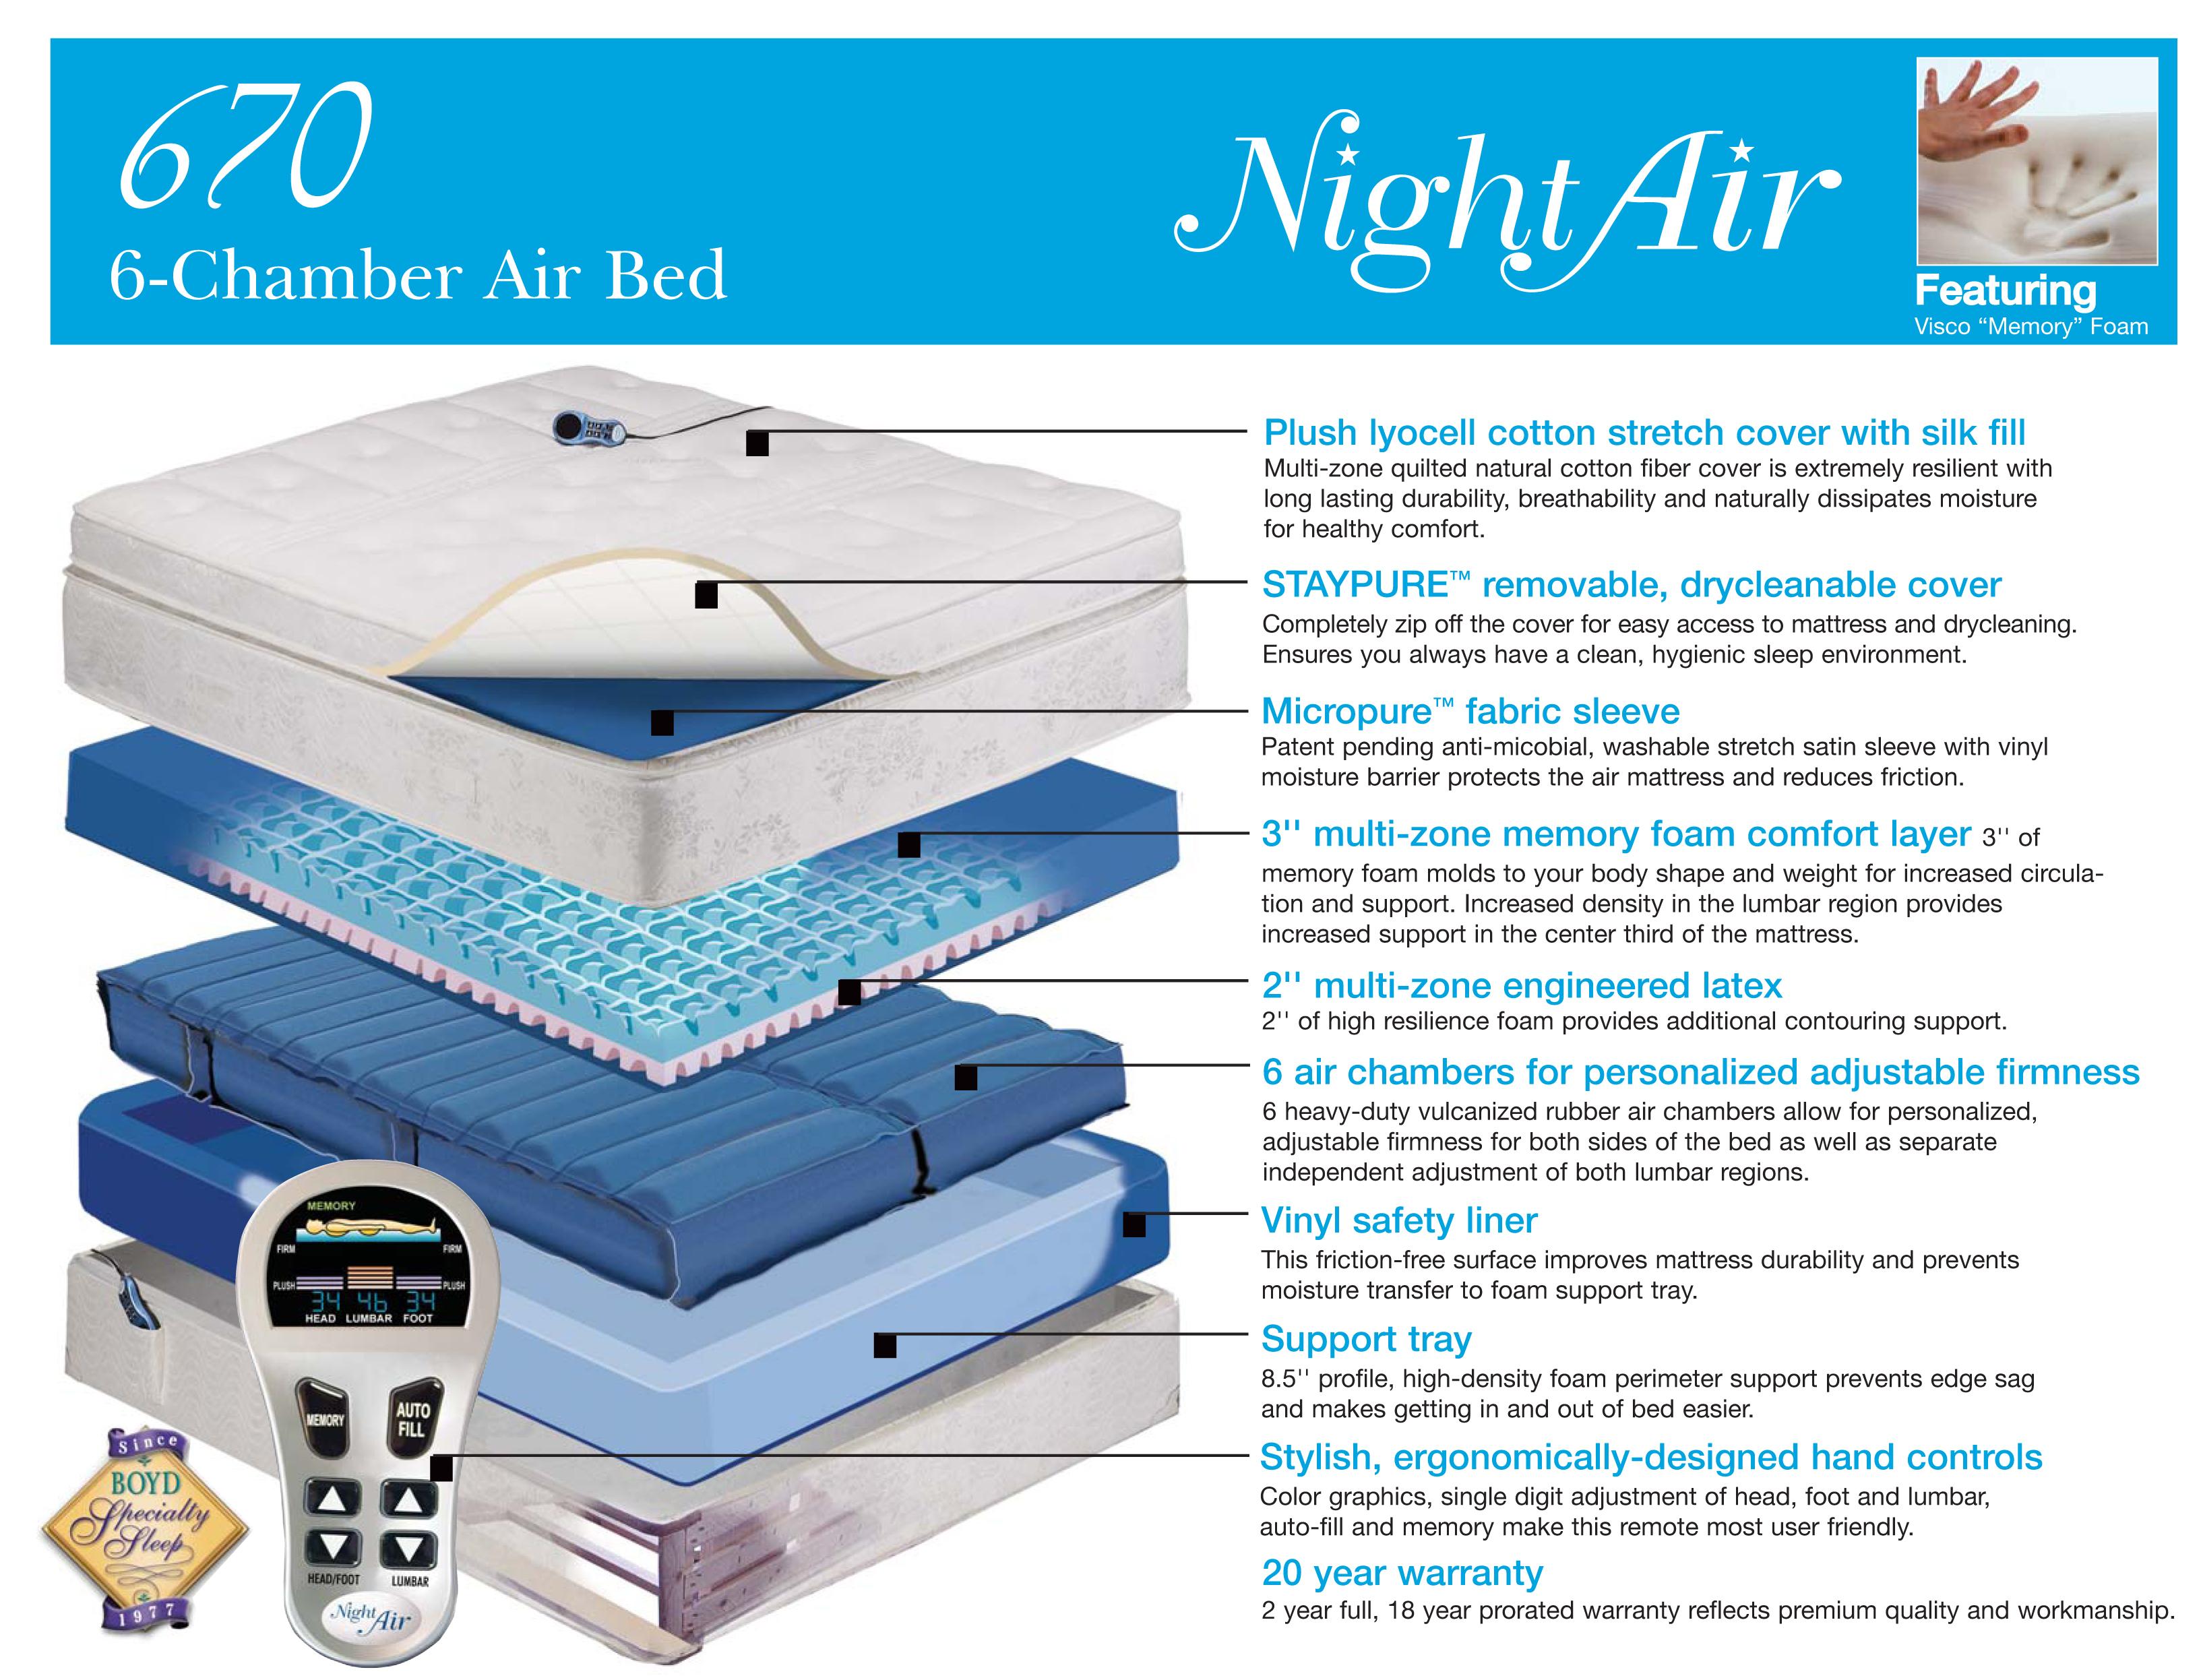 Boyd Night Air Adjustabla Dual Air Support System